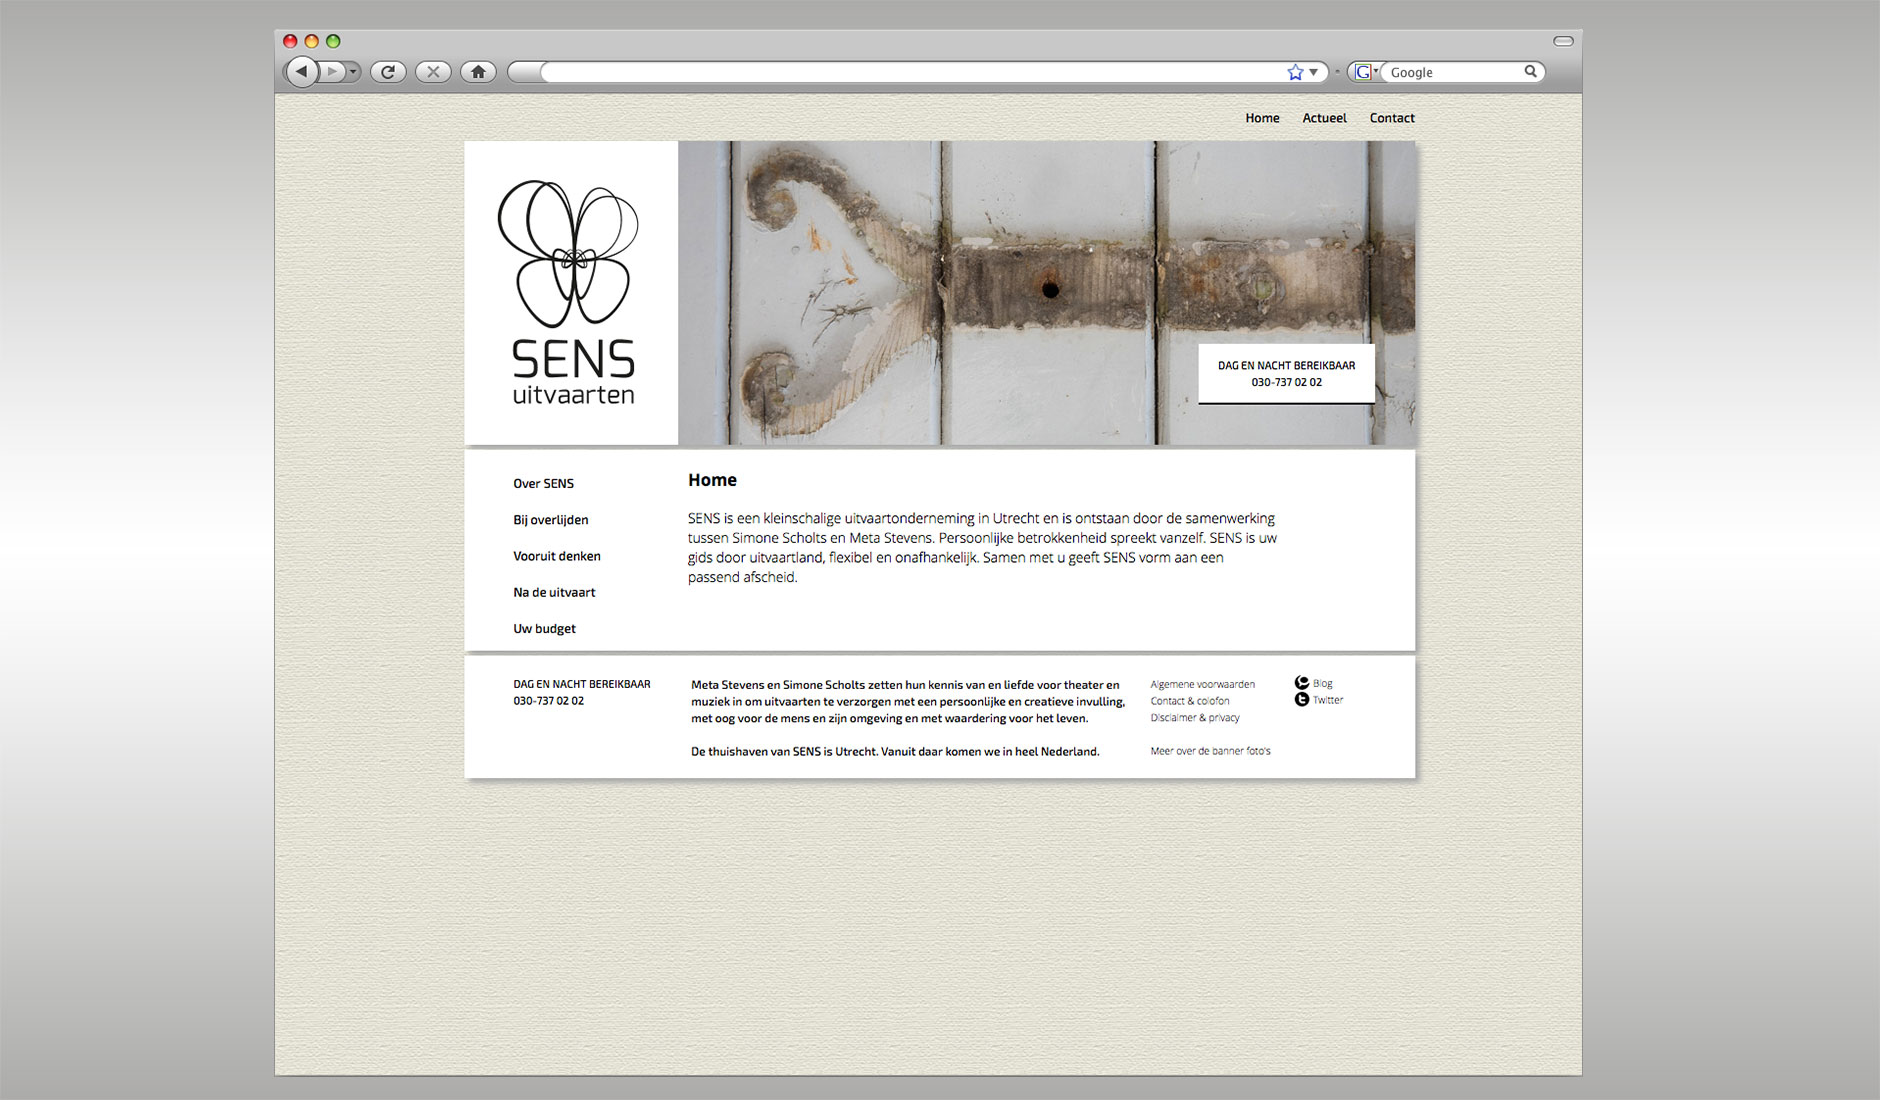 Website SENS uitvaarten